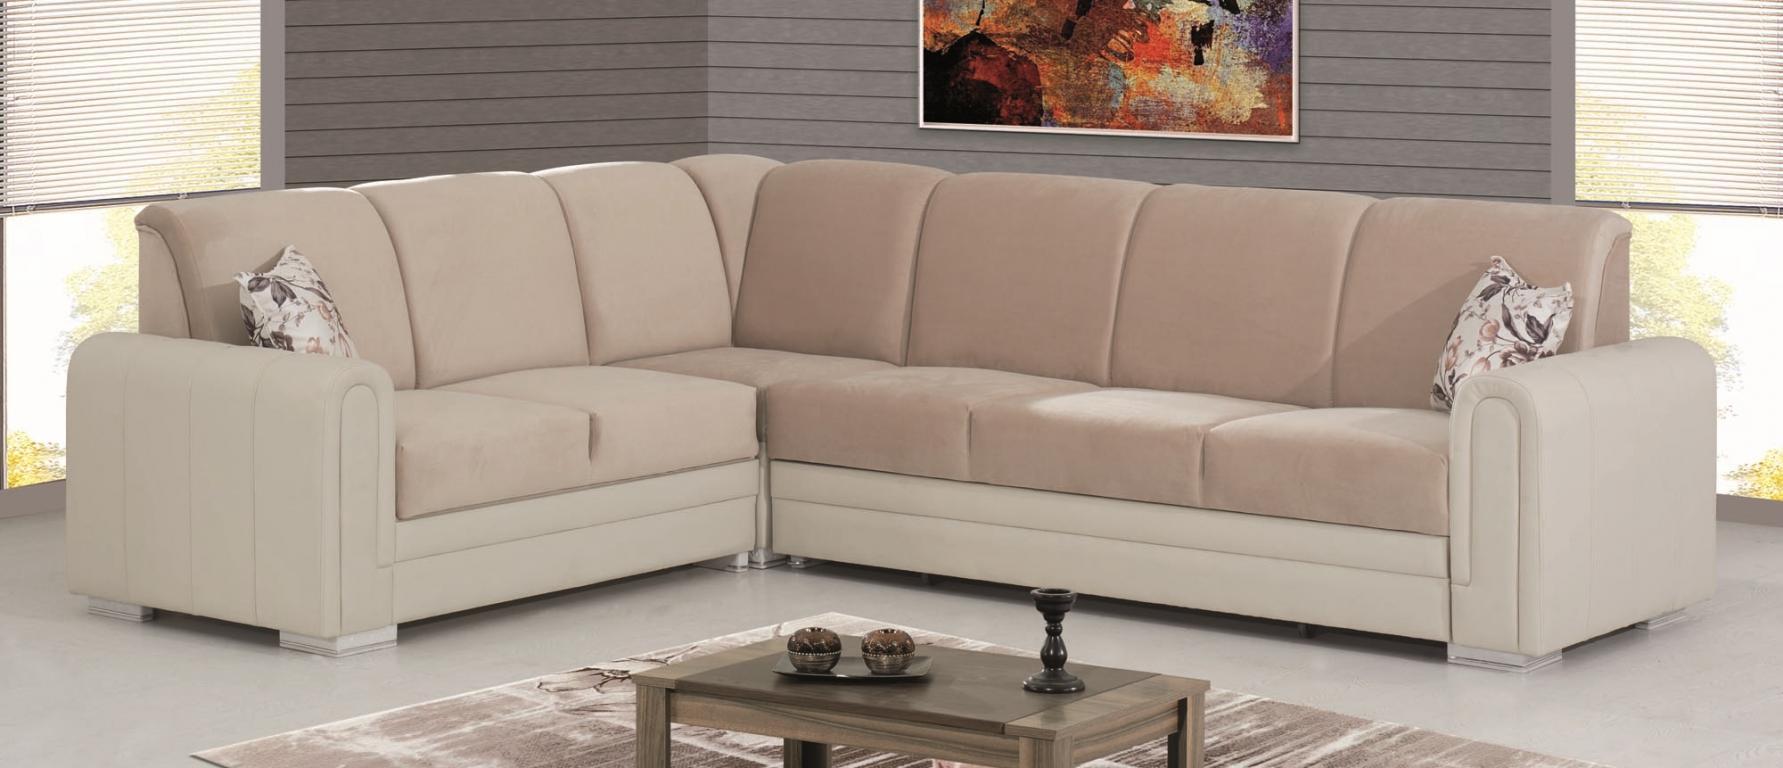 ersan sitzecke 3 l 2 yuvam m belhaus in wuppertal cilek offizieller h ndler in europa. Black Bedroom Furniture Sets. Home Design Ideas